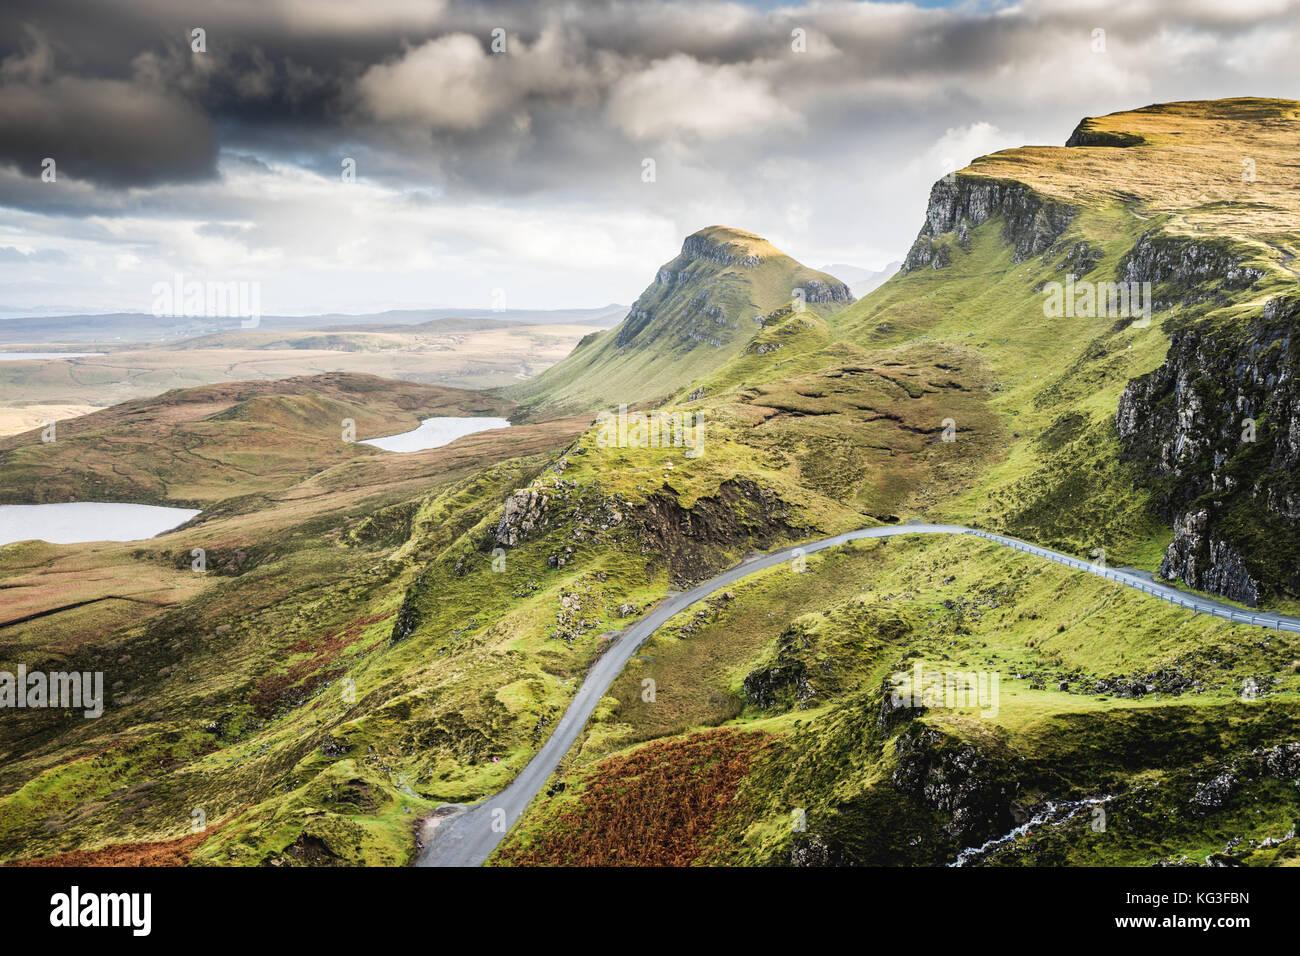 Landscape view of Quiraing mountains on Isle of Skye, Scottish highlands, Scotland, United Kingdom - Stock Image